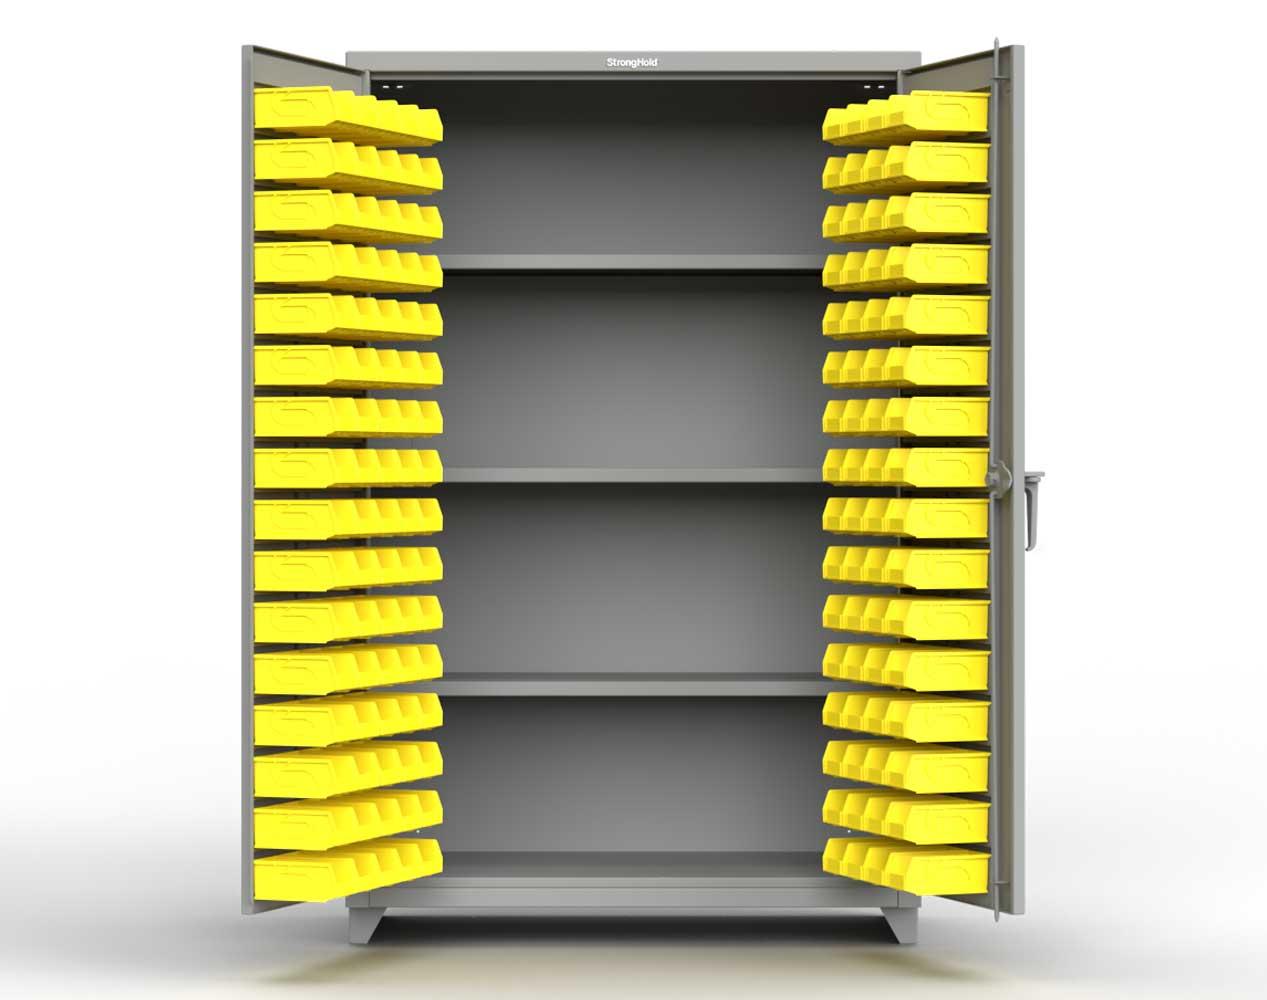 Heavy Duty 14 GA Bin Cabinet with 3 Shelves – 48 In. W x 24 In. D x 75 In. H